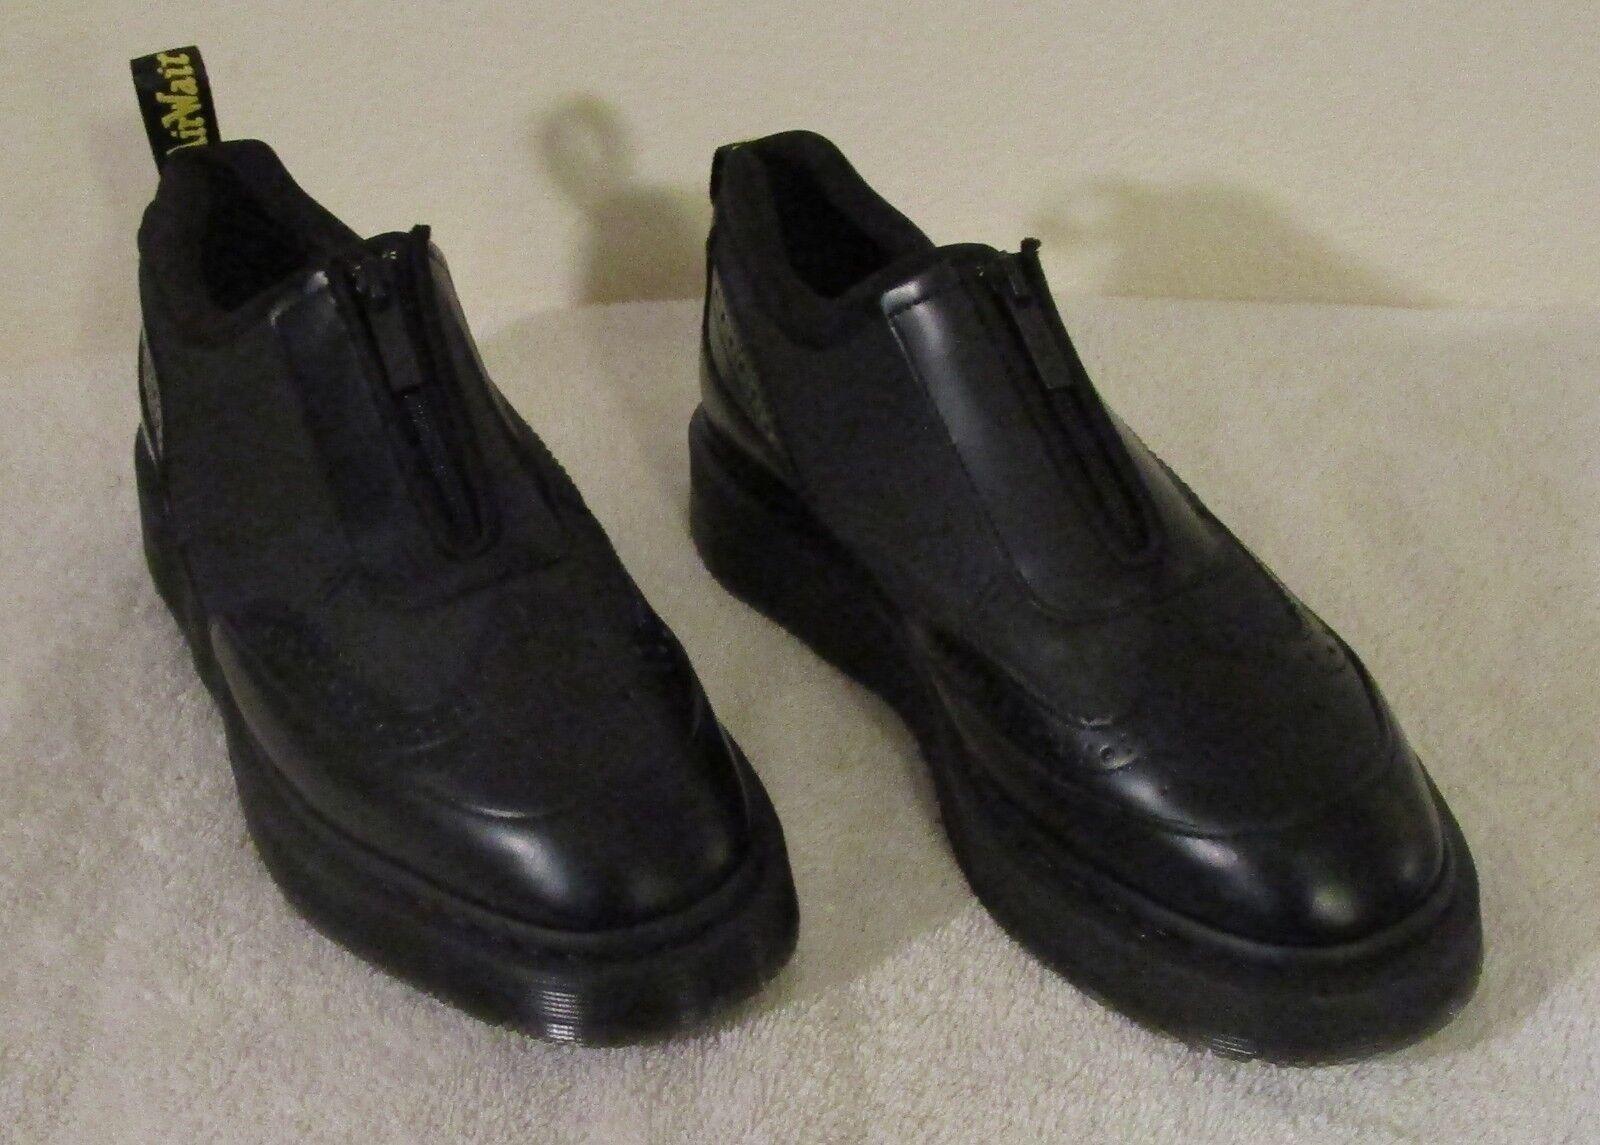 venta directa de fábrica Nuevo Dr Martens Resnik Para Mujer Cremallera Brogue Oxford Zapatos Zapatos Zapatos 11 Negro MSRP  145  Mejor precio